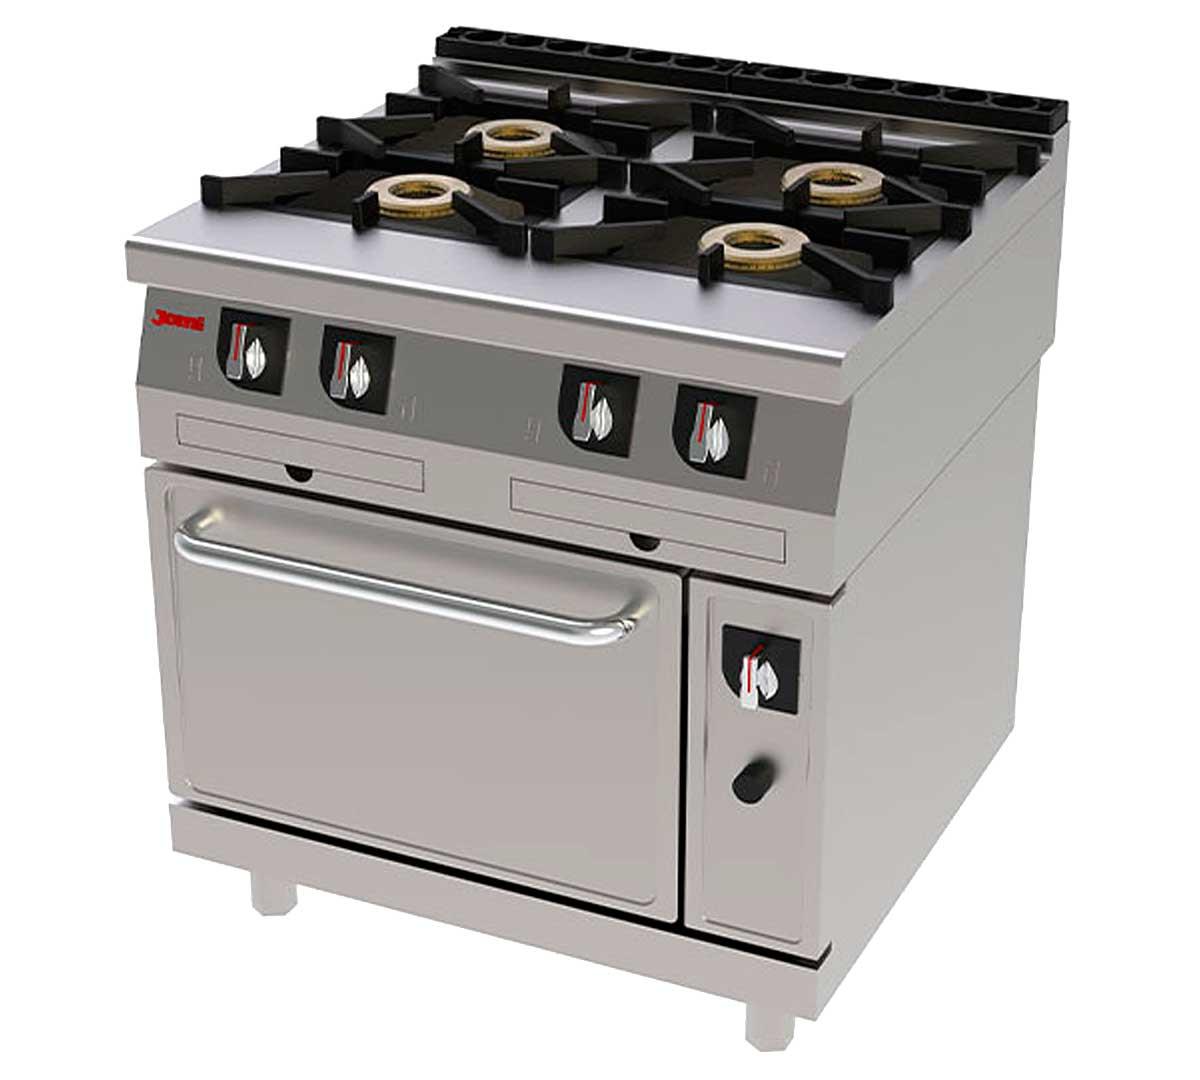 Cocina jemi serie 750 horno - Cocina horno gas ...